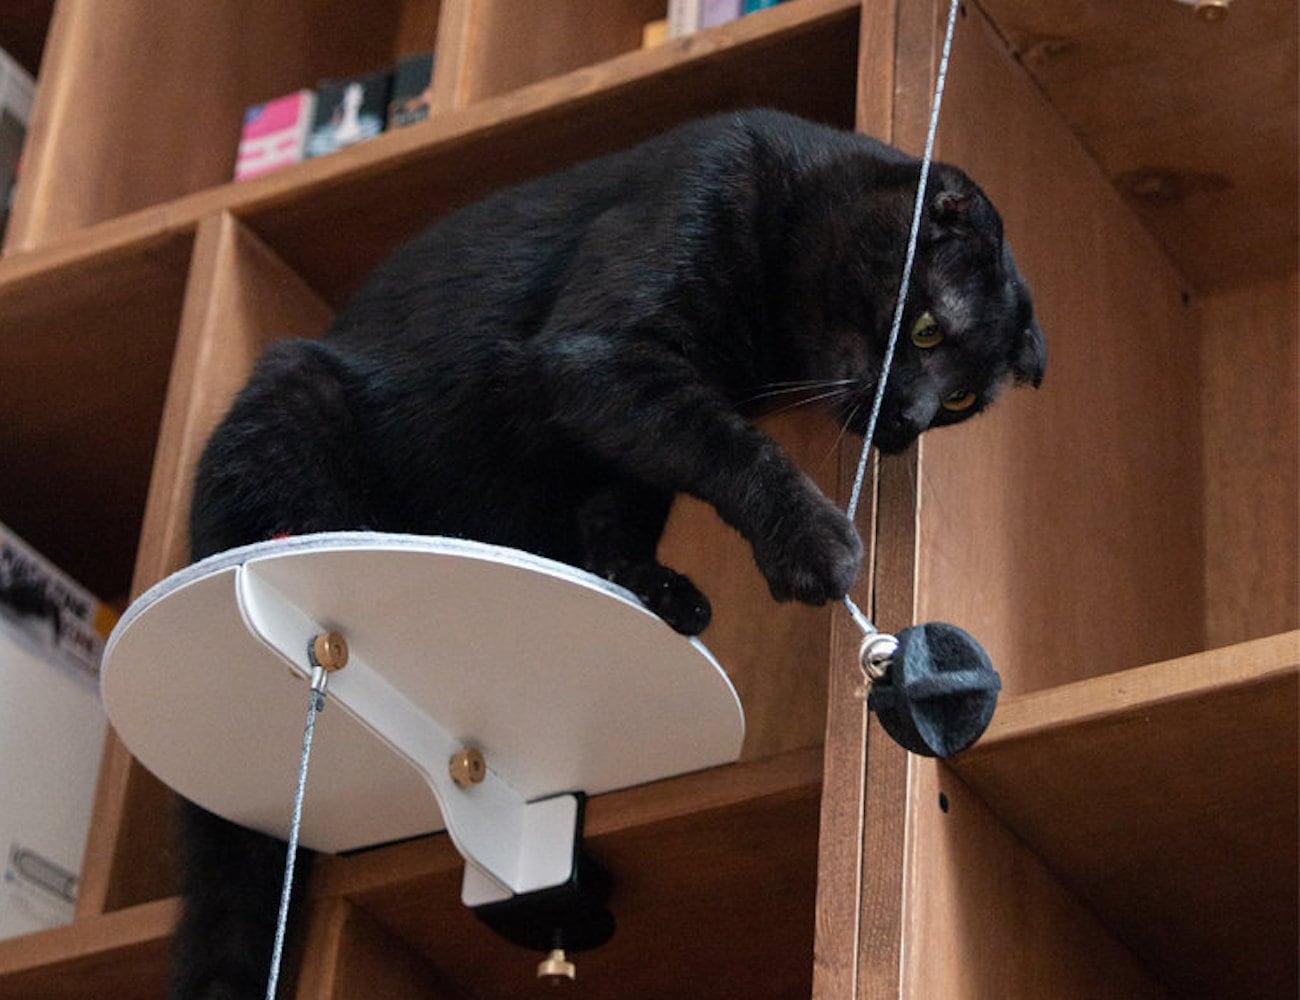 CATSSUP Luxury Cat Furniture System